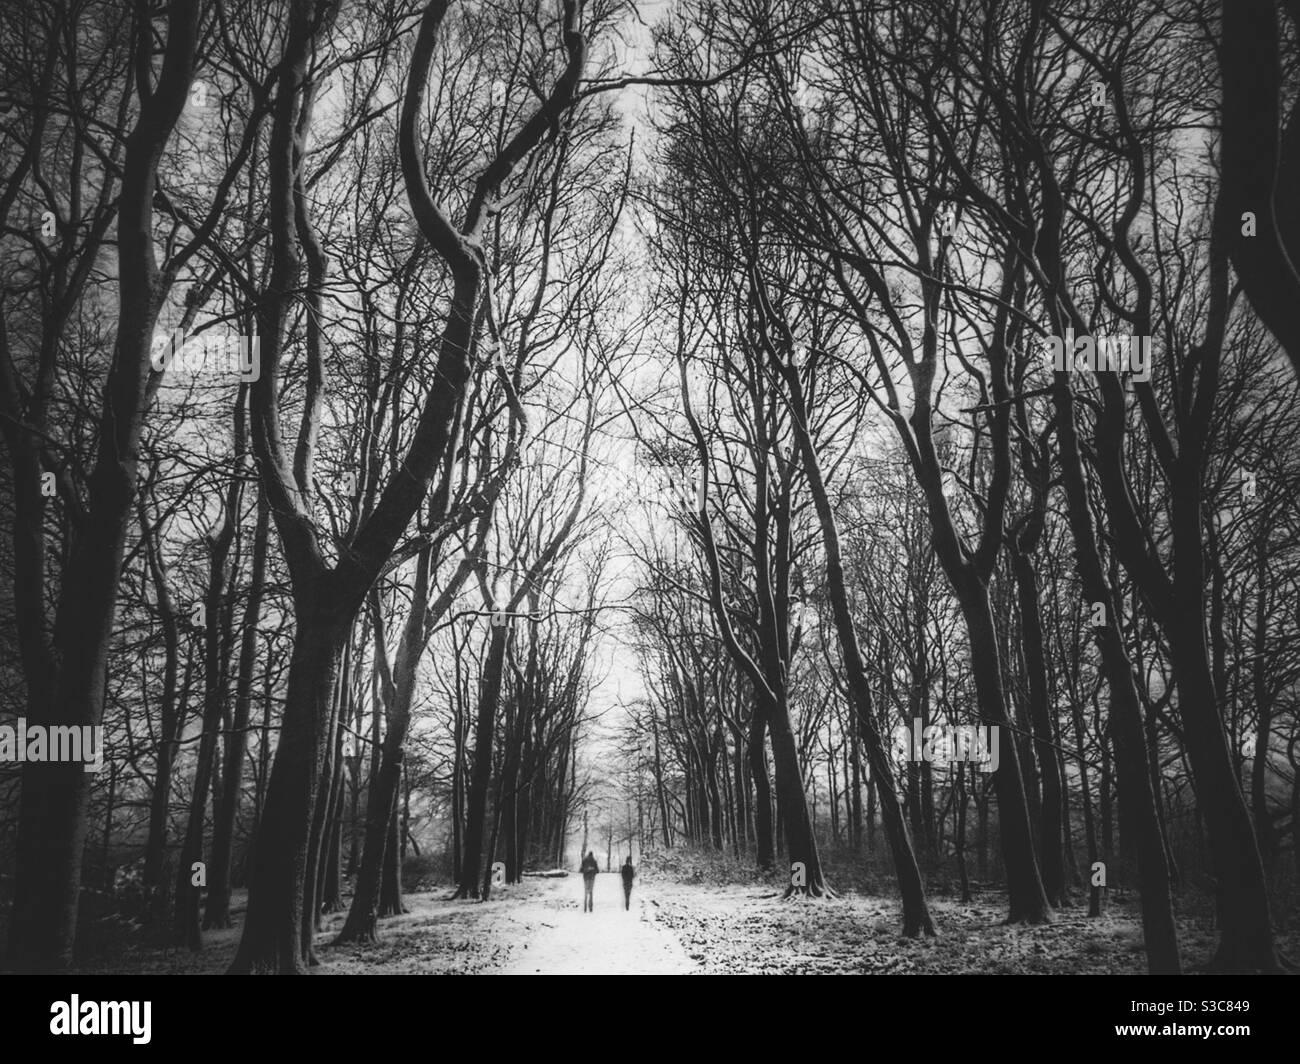 Zwei Personen, die in der Nähe von Chorley in Lancashire durch verschneiten Wald wandern. Stockfoto